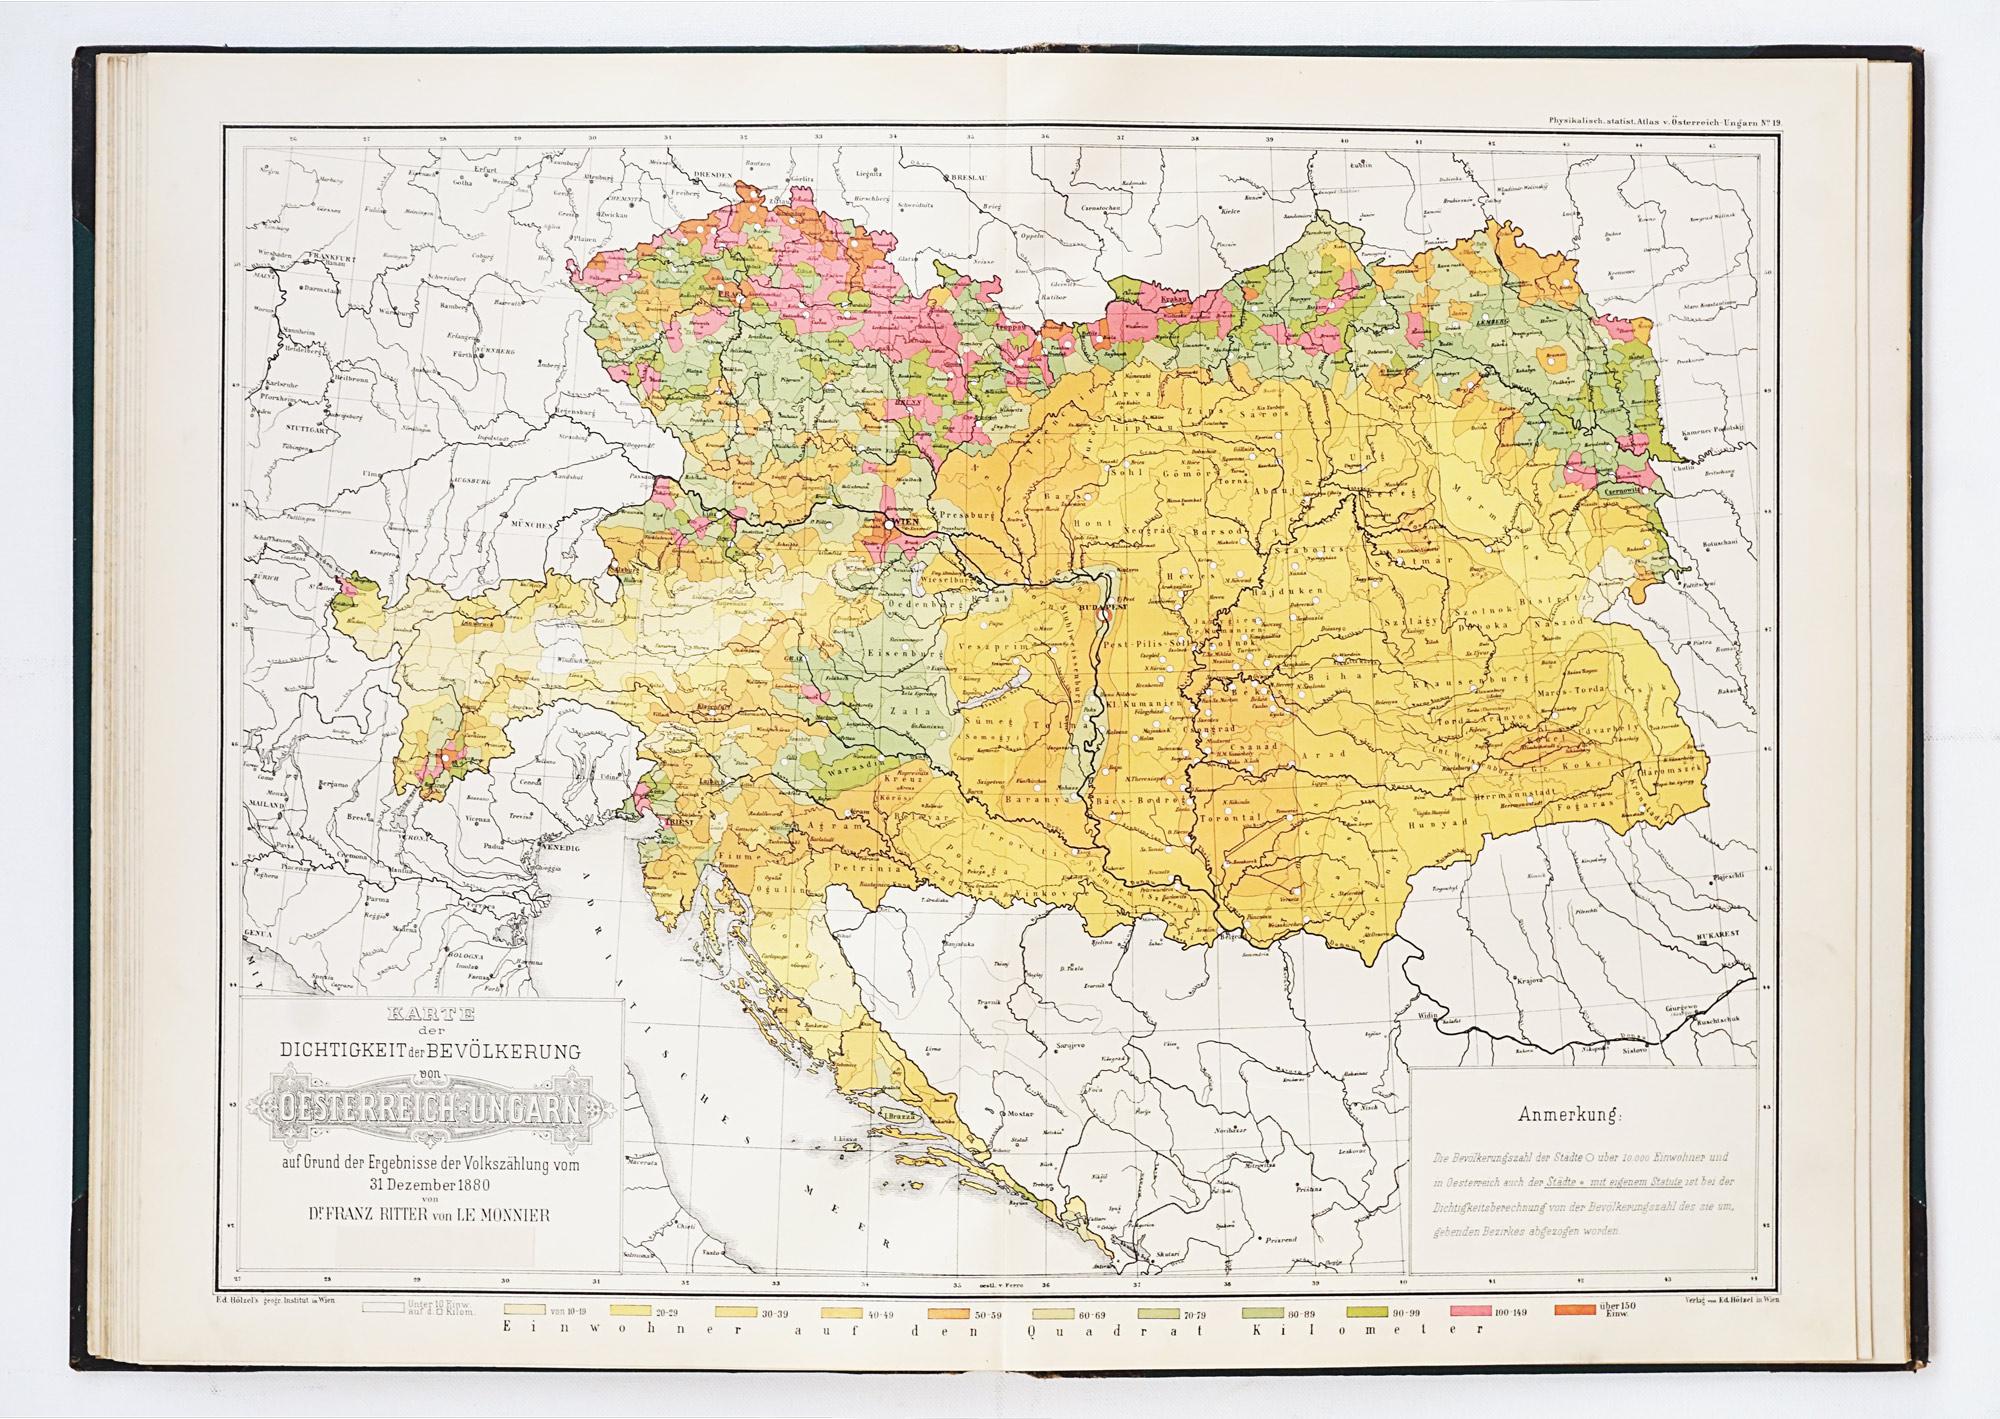 Physikalisch-Statisticher Hand-Atlas von Oesterreich-Ungarn